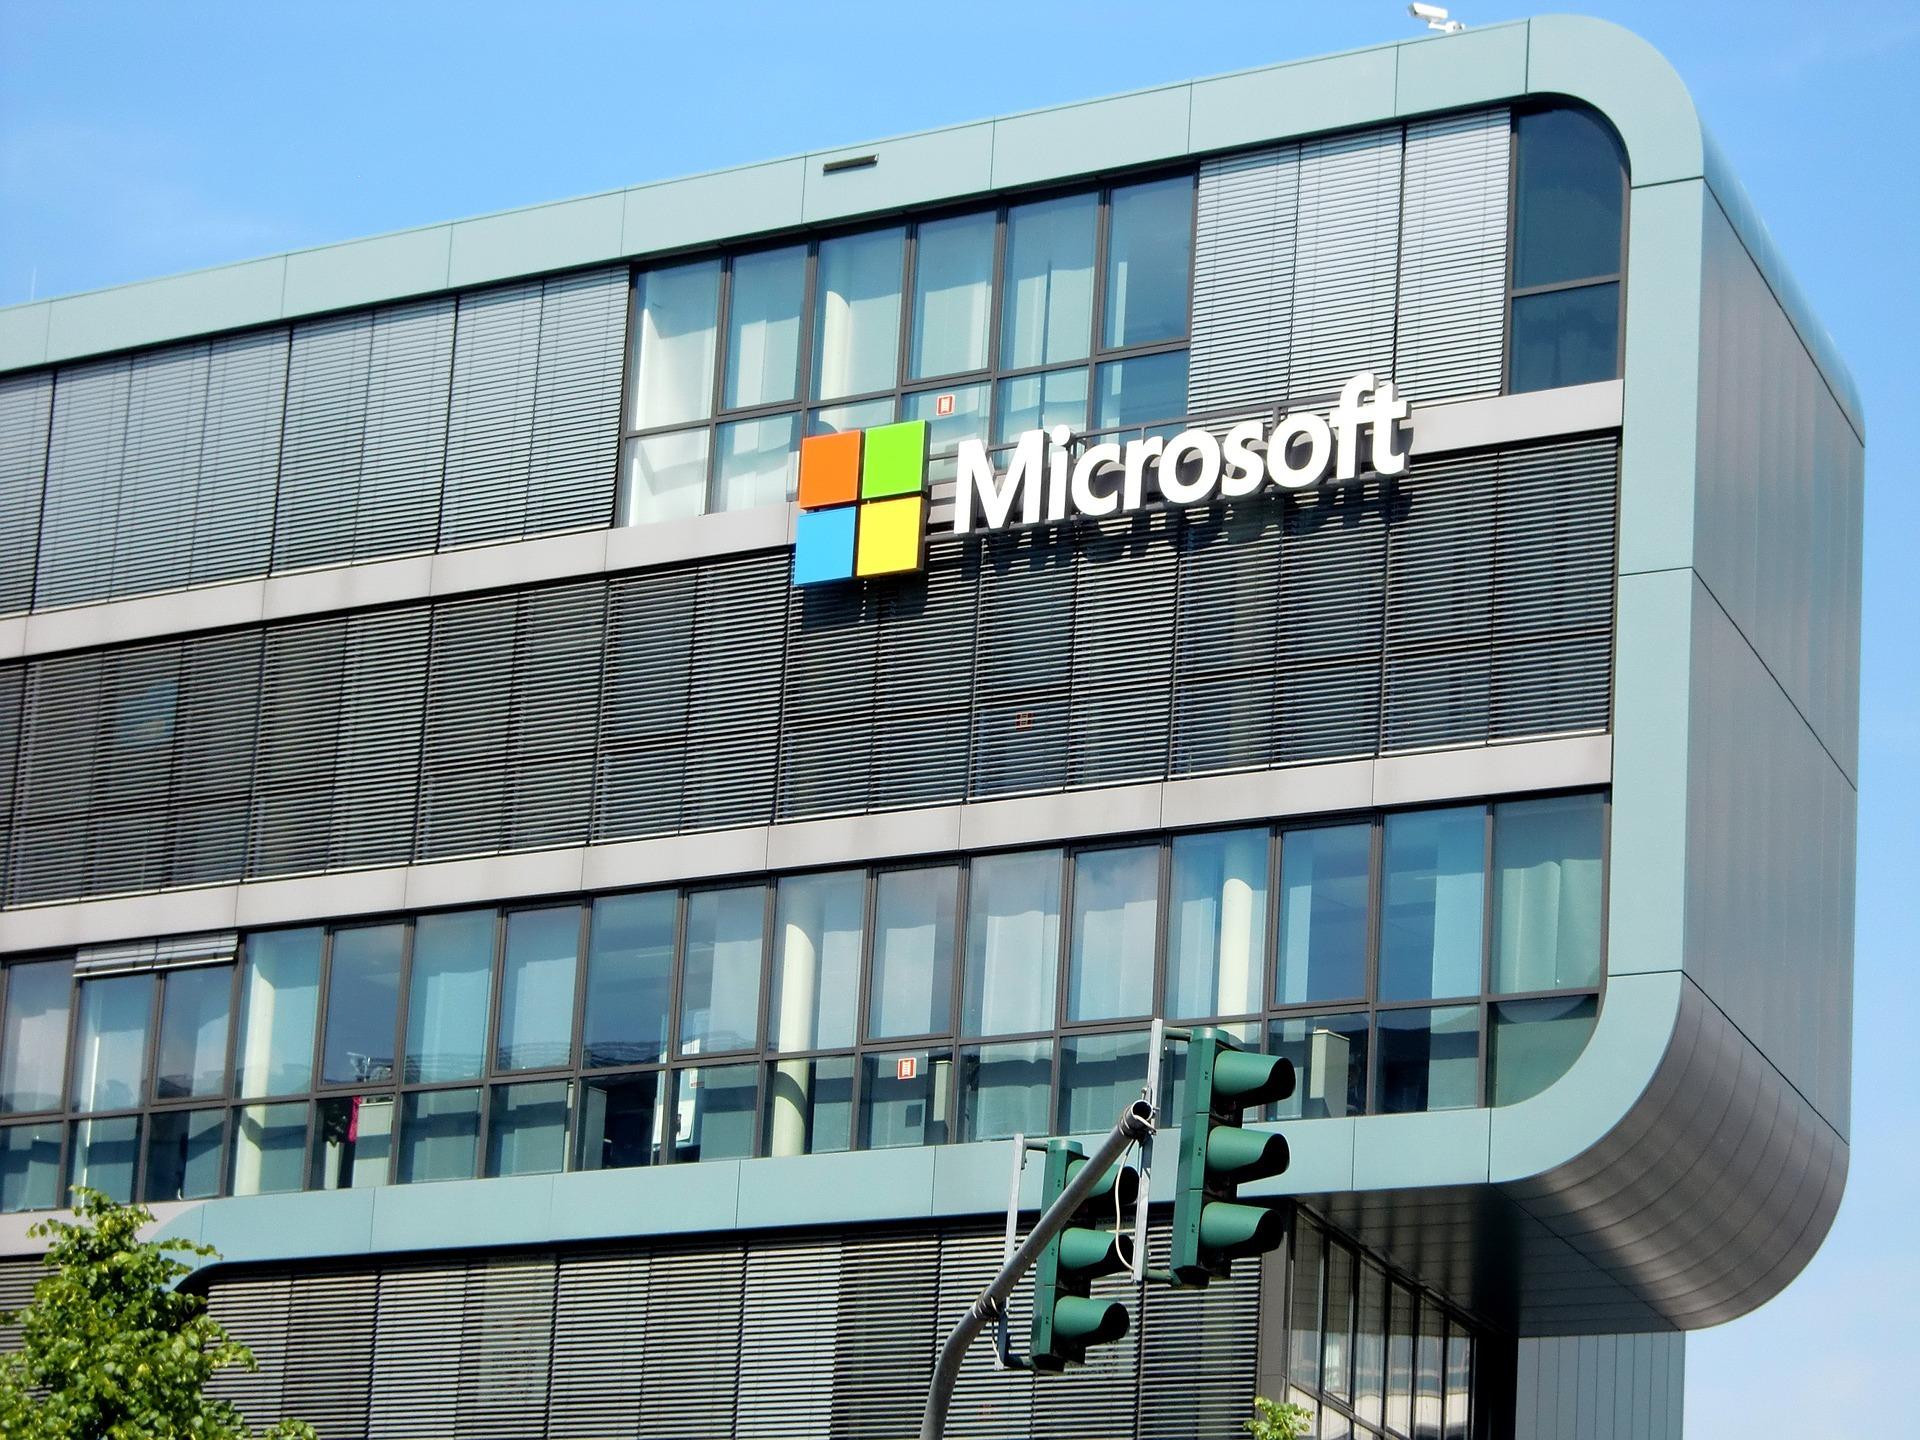 熱門時事》鴻海與微軟的權利金訴訟,竟是美中貿易戰攻防的一環